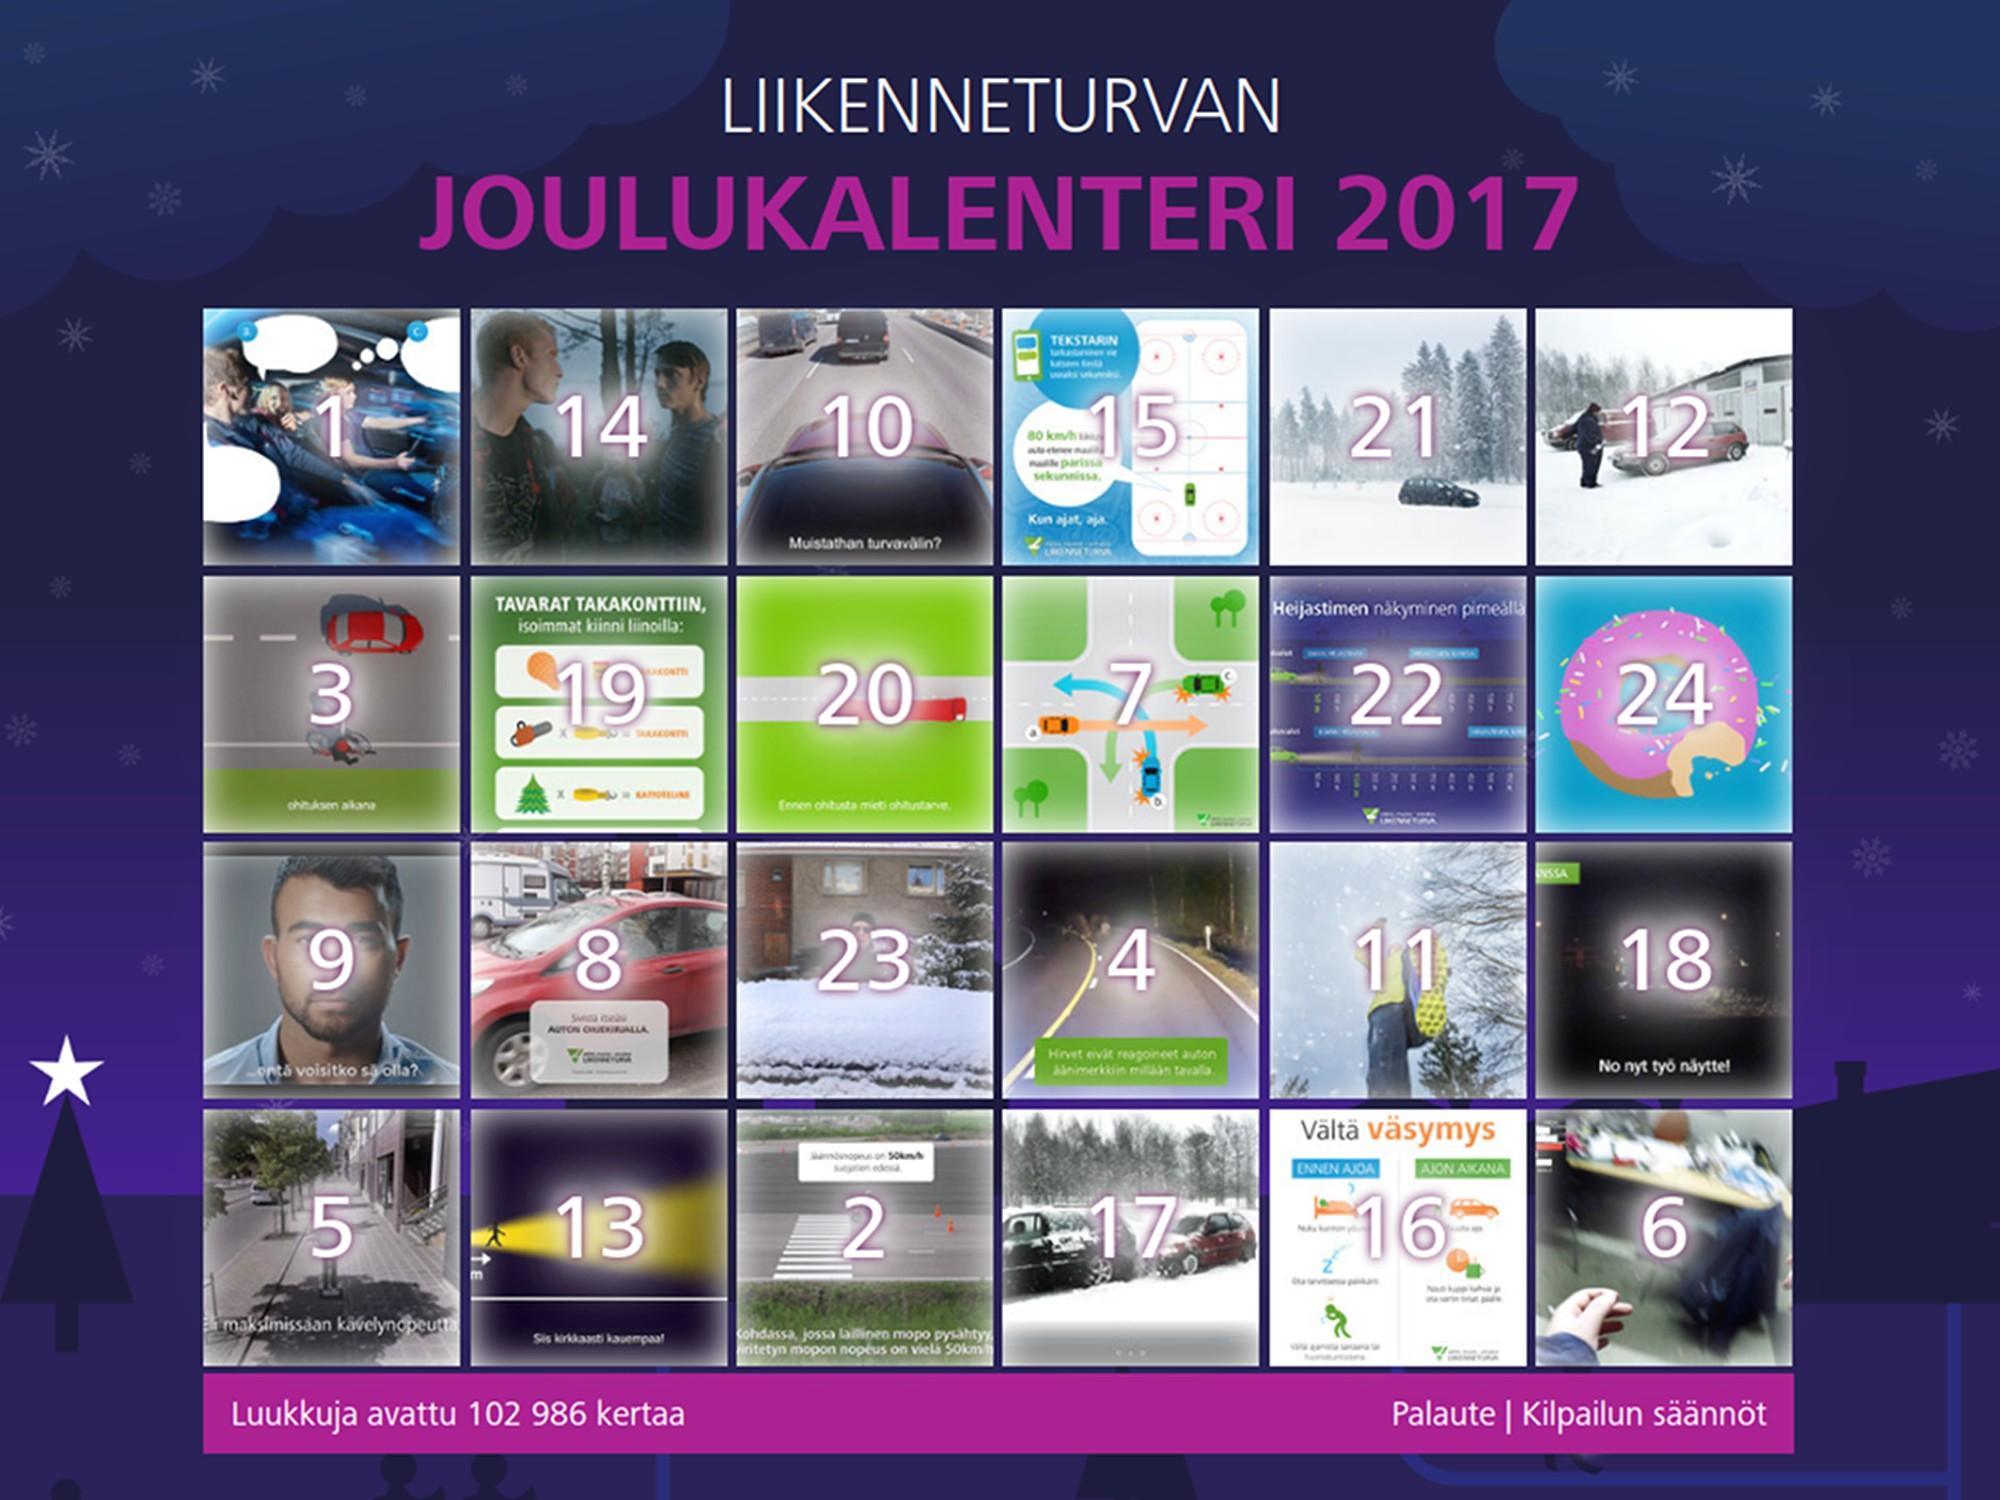 joulukalenteri 2018 nuorille Grand One 2018   Liikenneturvan Joulukalenteri 2017 joulukalenteri 2018 nuorille